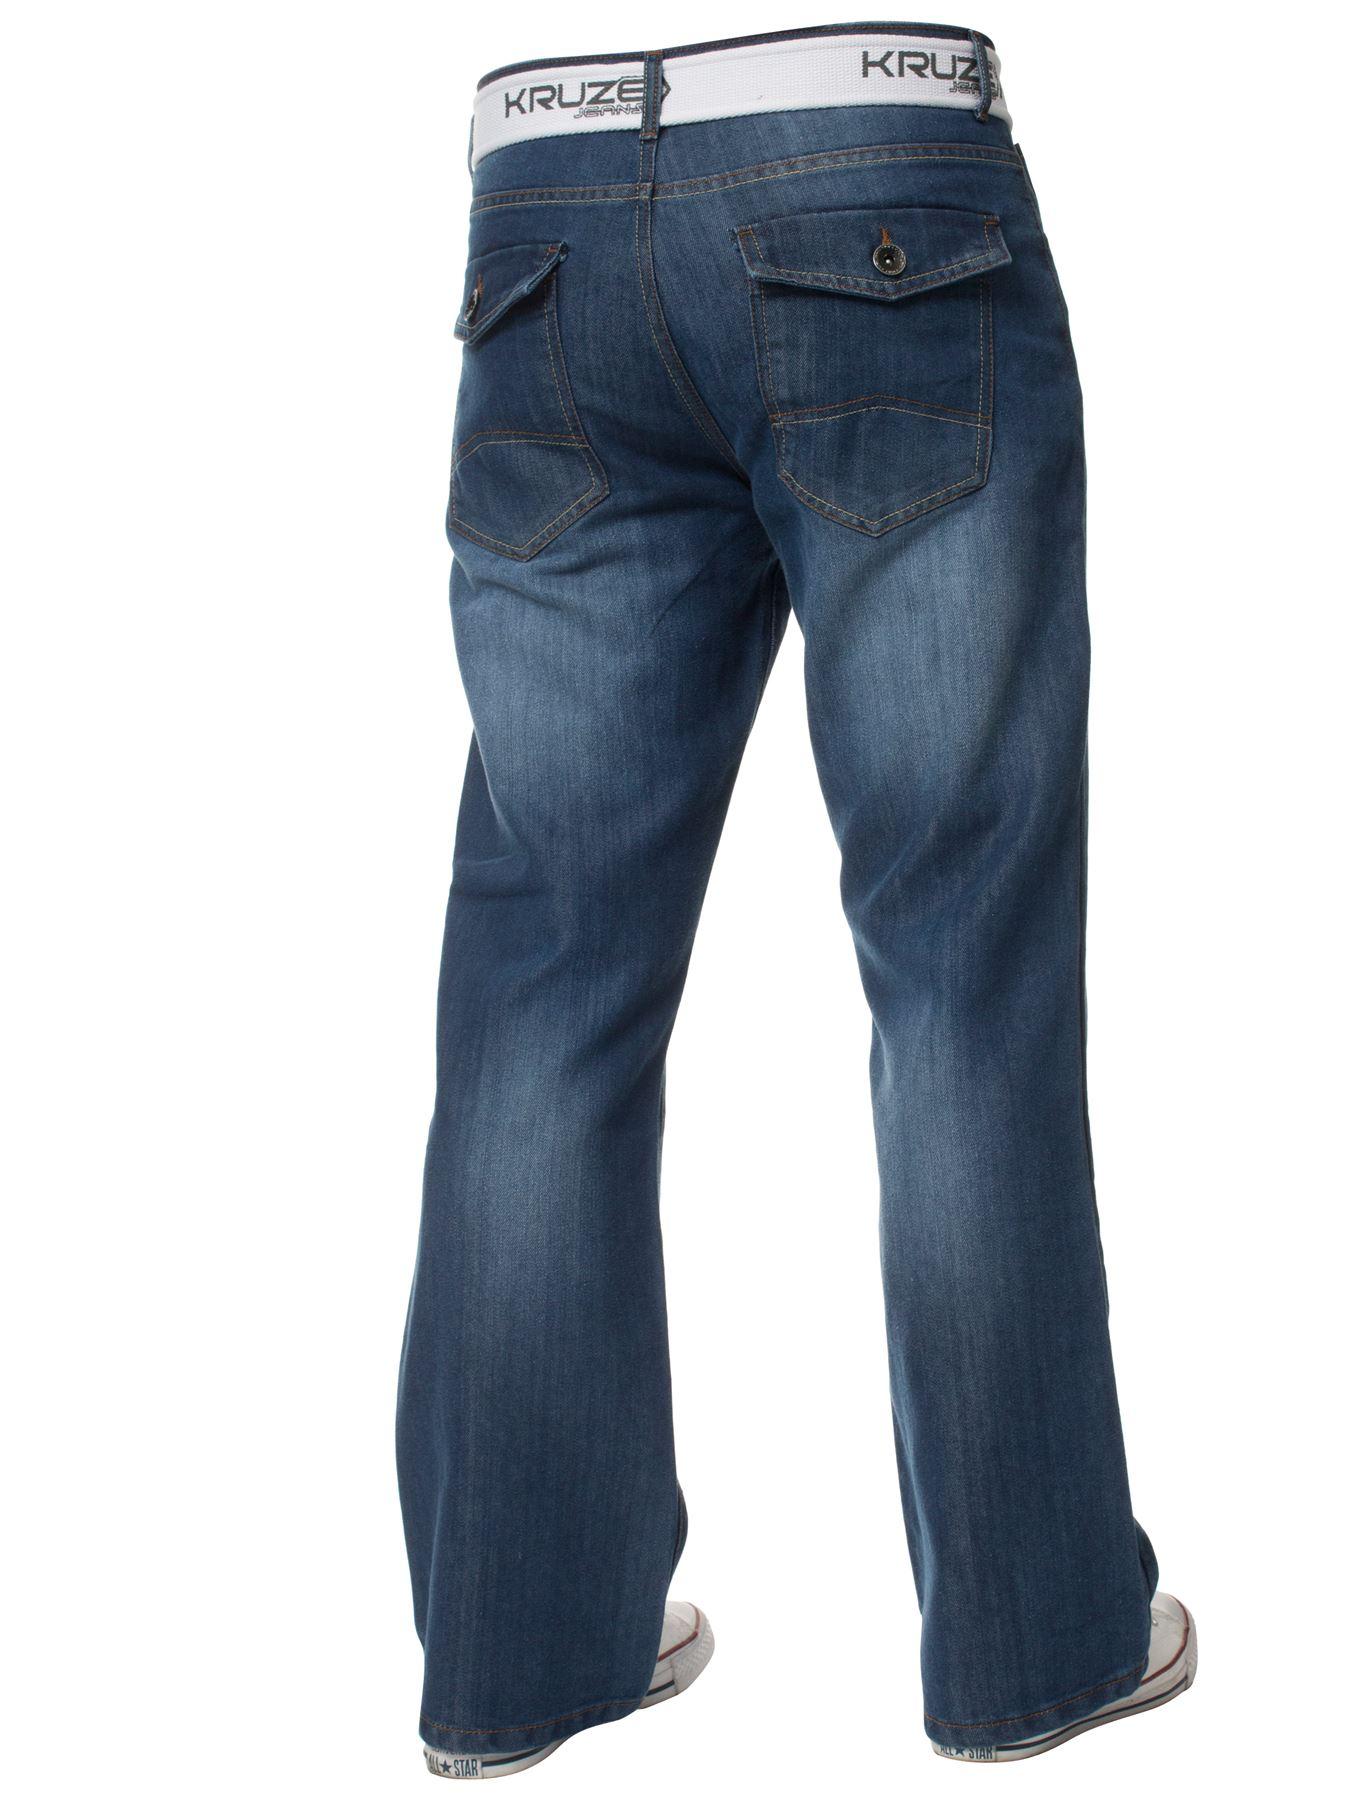 Kruze-Denim-Nuevo-Para-Hombre-Bootcut-Pierna-Ancha-Flare-Pantalones-Cintura-Tallas-Grandes-Rey-todos miniatura 23